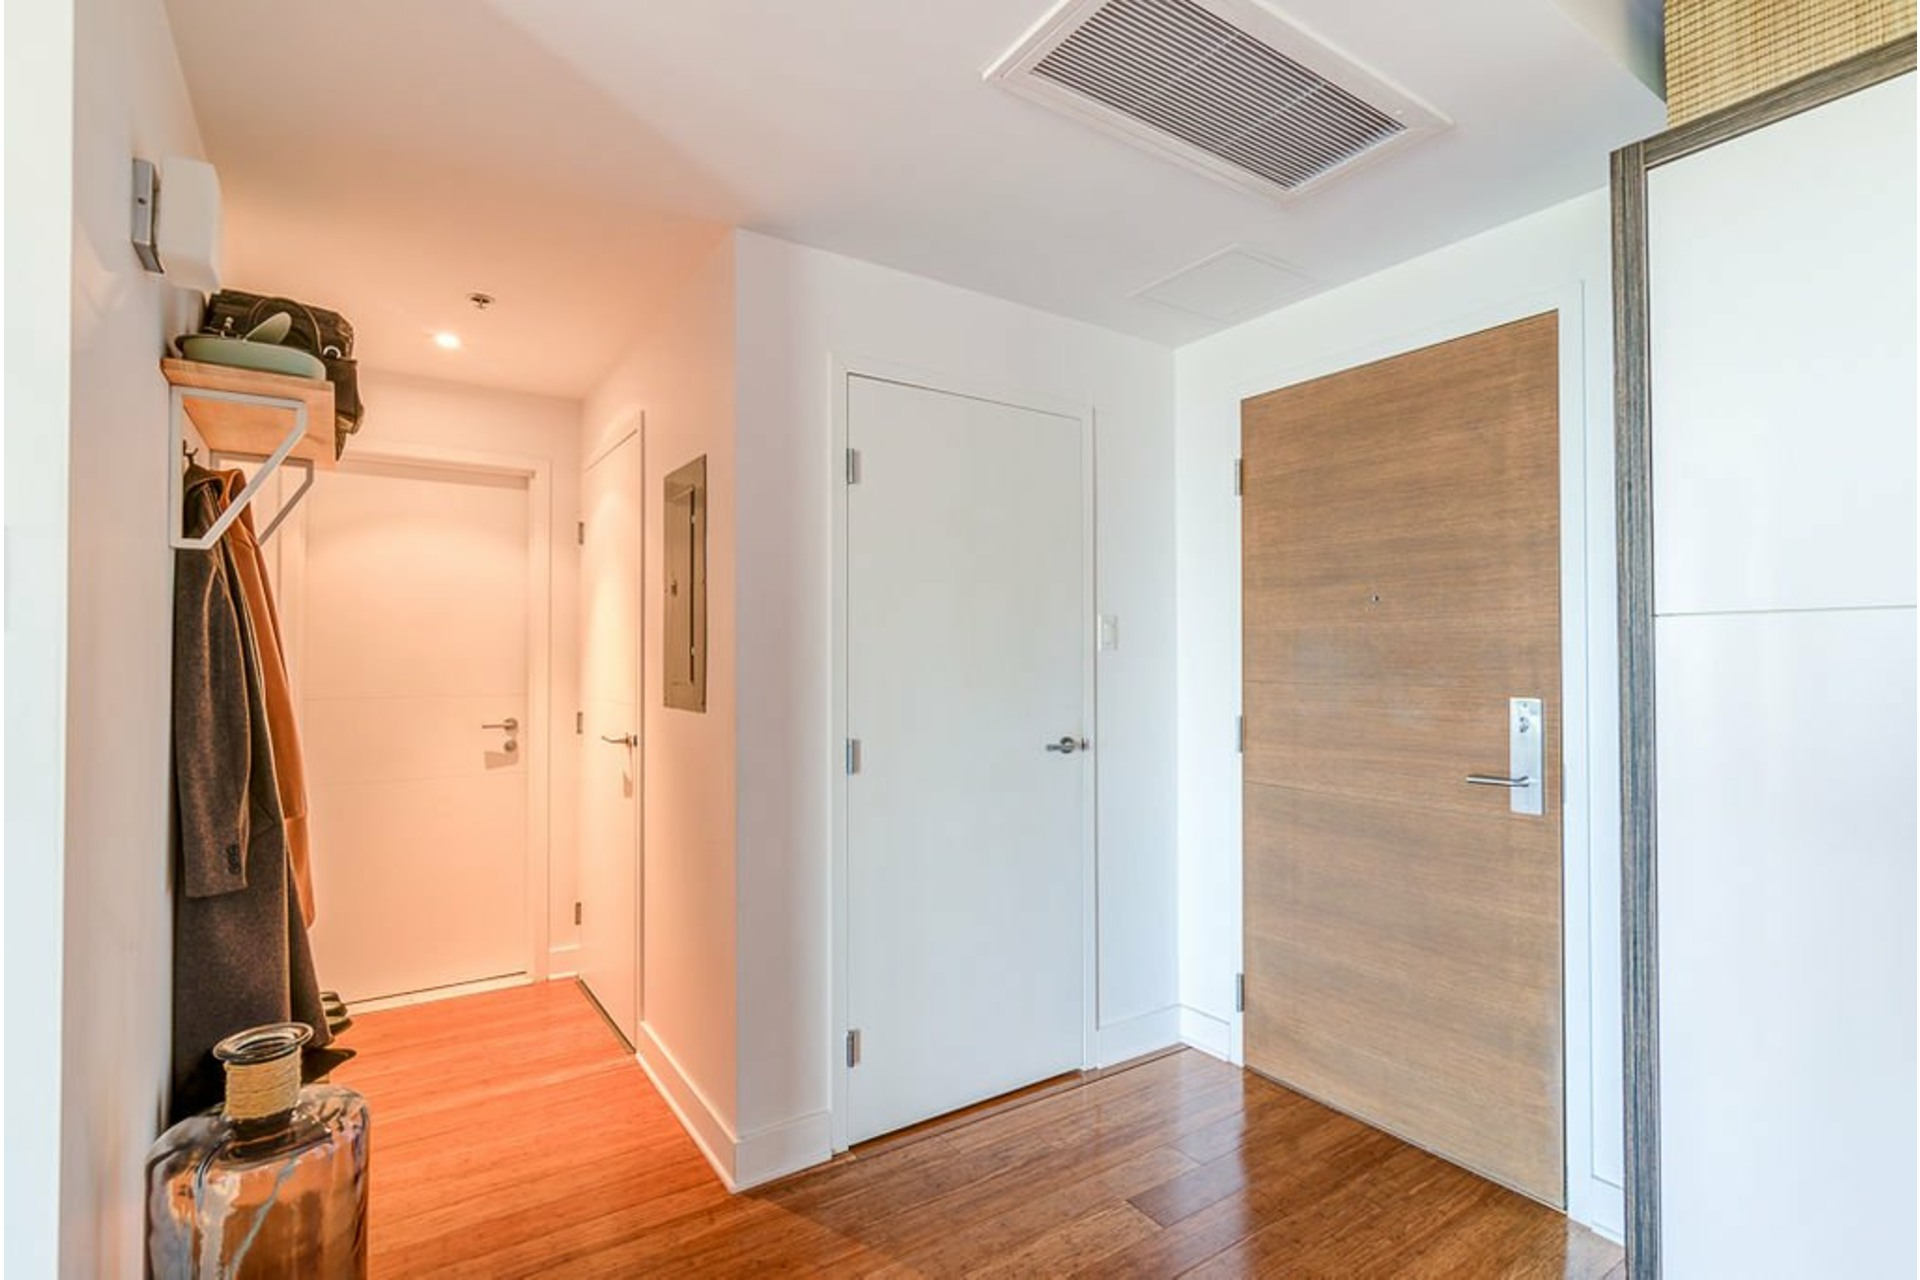 image 10 - Apartment For sale Villeray/Saint-Michel/Parc-Extension Montréal  - 4 rooms